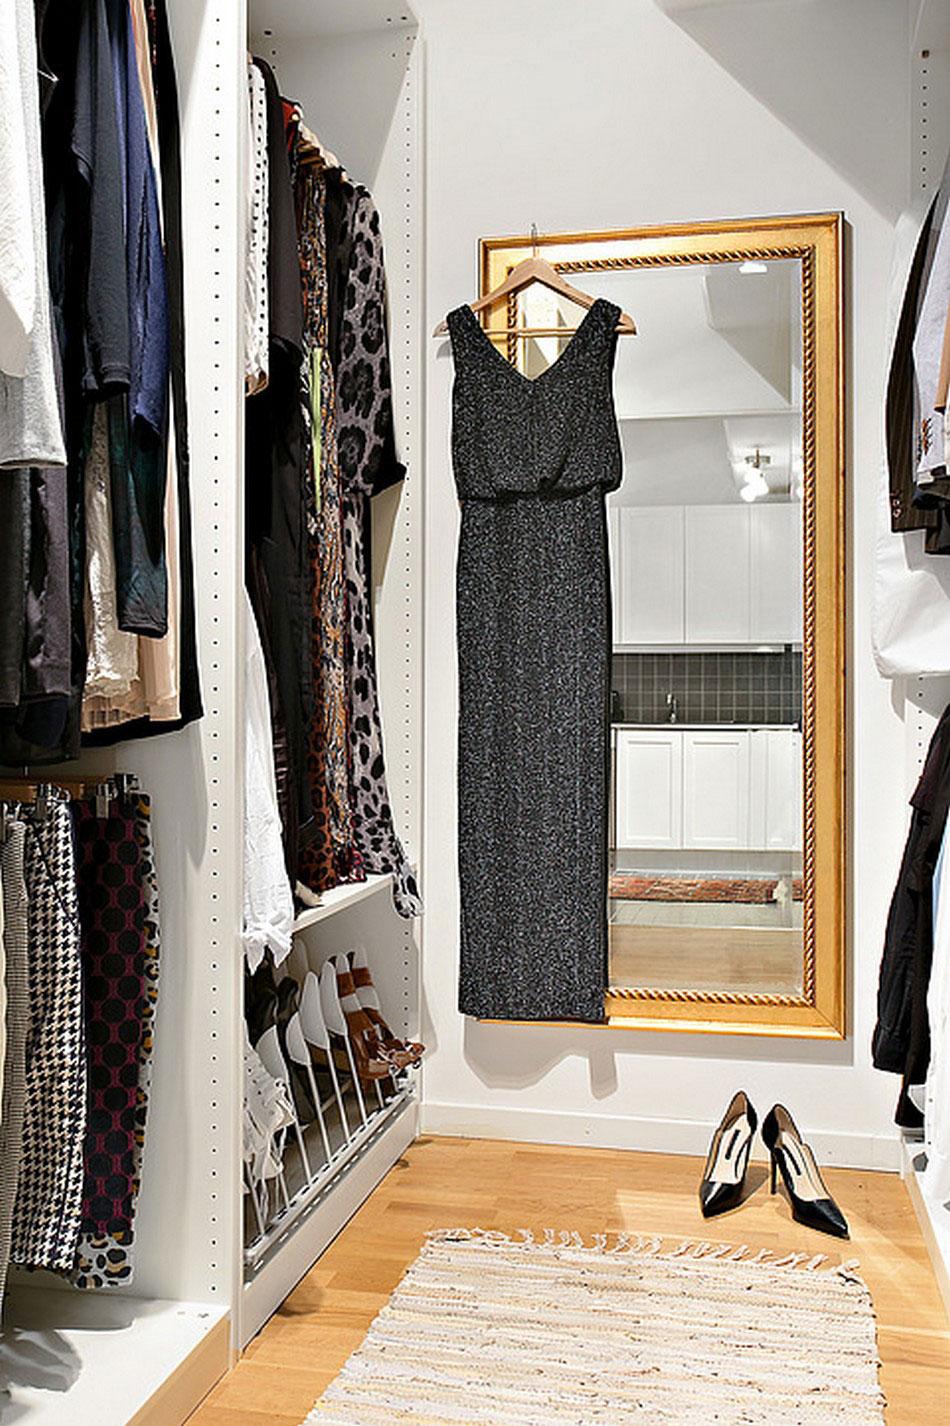 Mysig lägenhet i Göteborg som presenterar en vacker skandinavisk design 18 Mysig lägenhet i Göteborg presenterar en vacker skandinavisk design